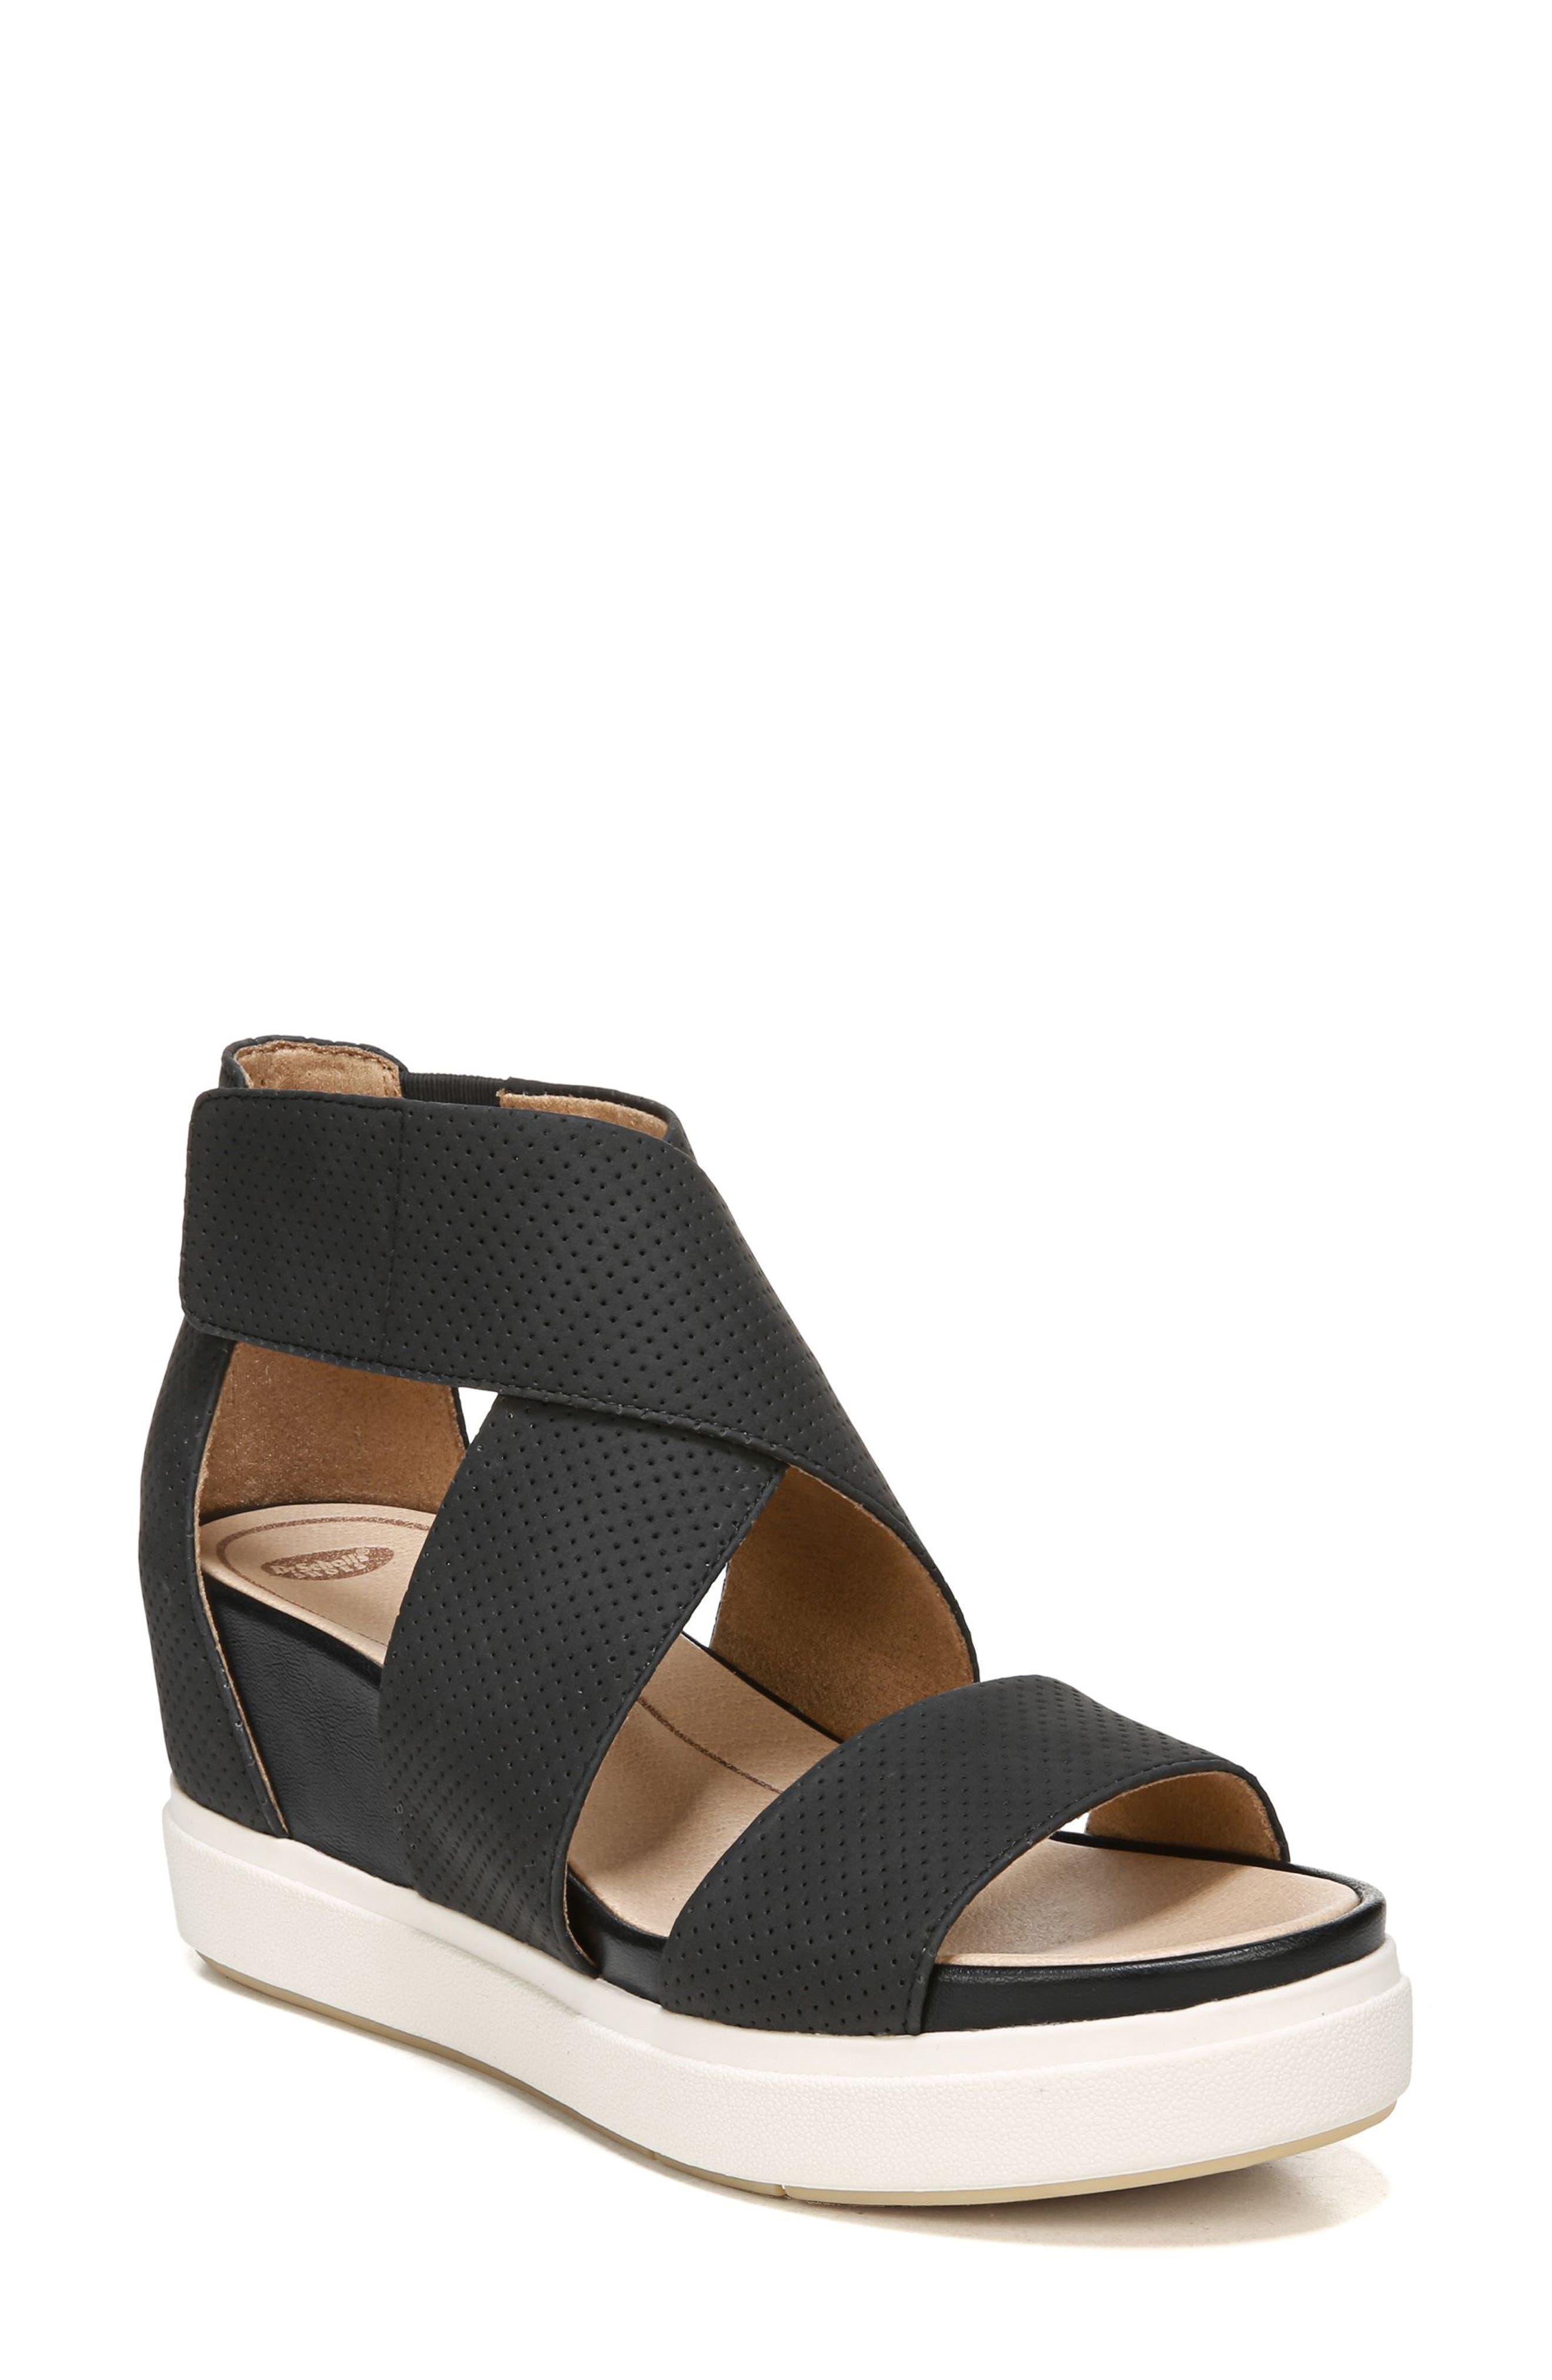 DR. SCHOLL'S Sheena Sport Sandal, Main, color, BLACK FAUX LEATHER